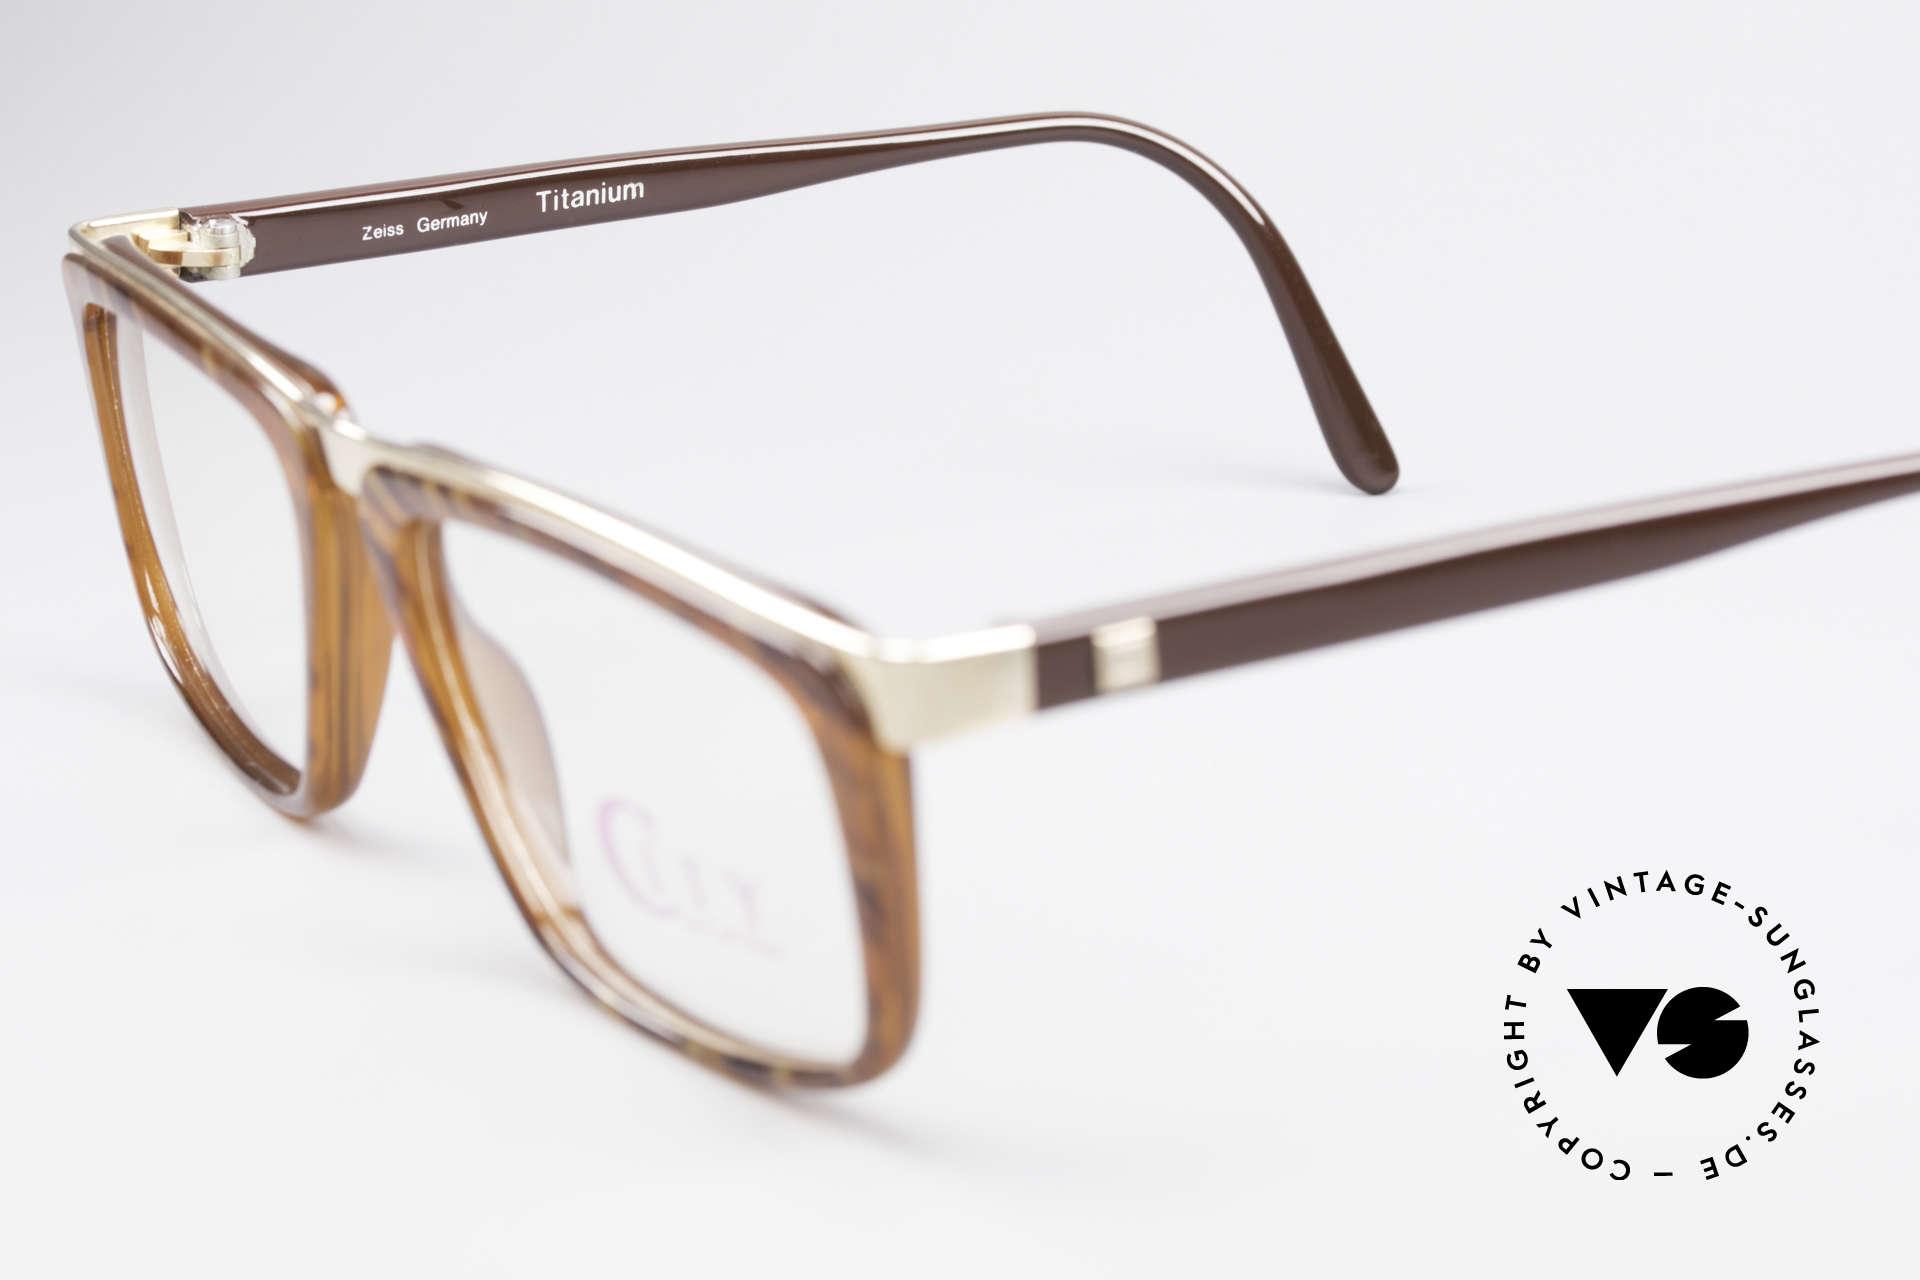 Zeiss 5967 90er Titanium Brille Herren, ungetragen (wie alle unsere alten Brillen von Zeiss), Passend für Herren